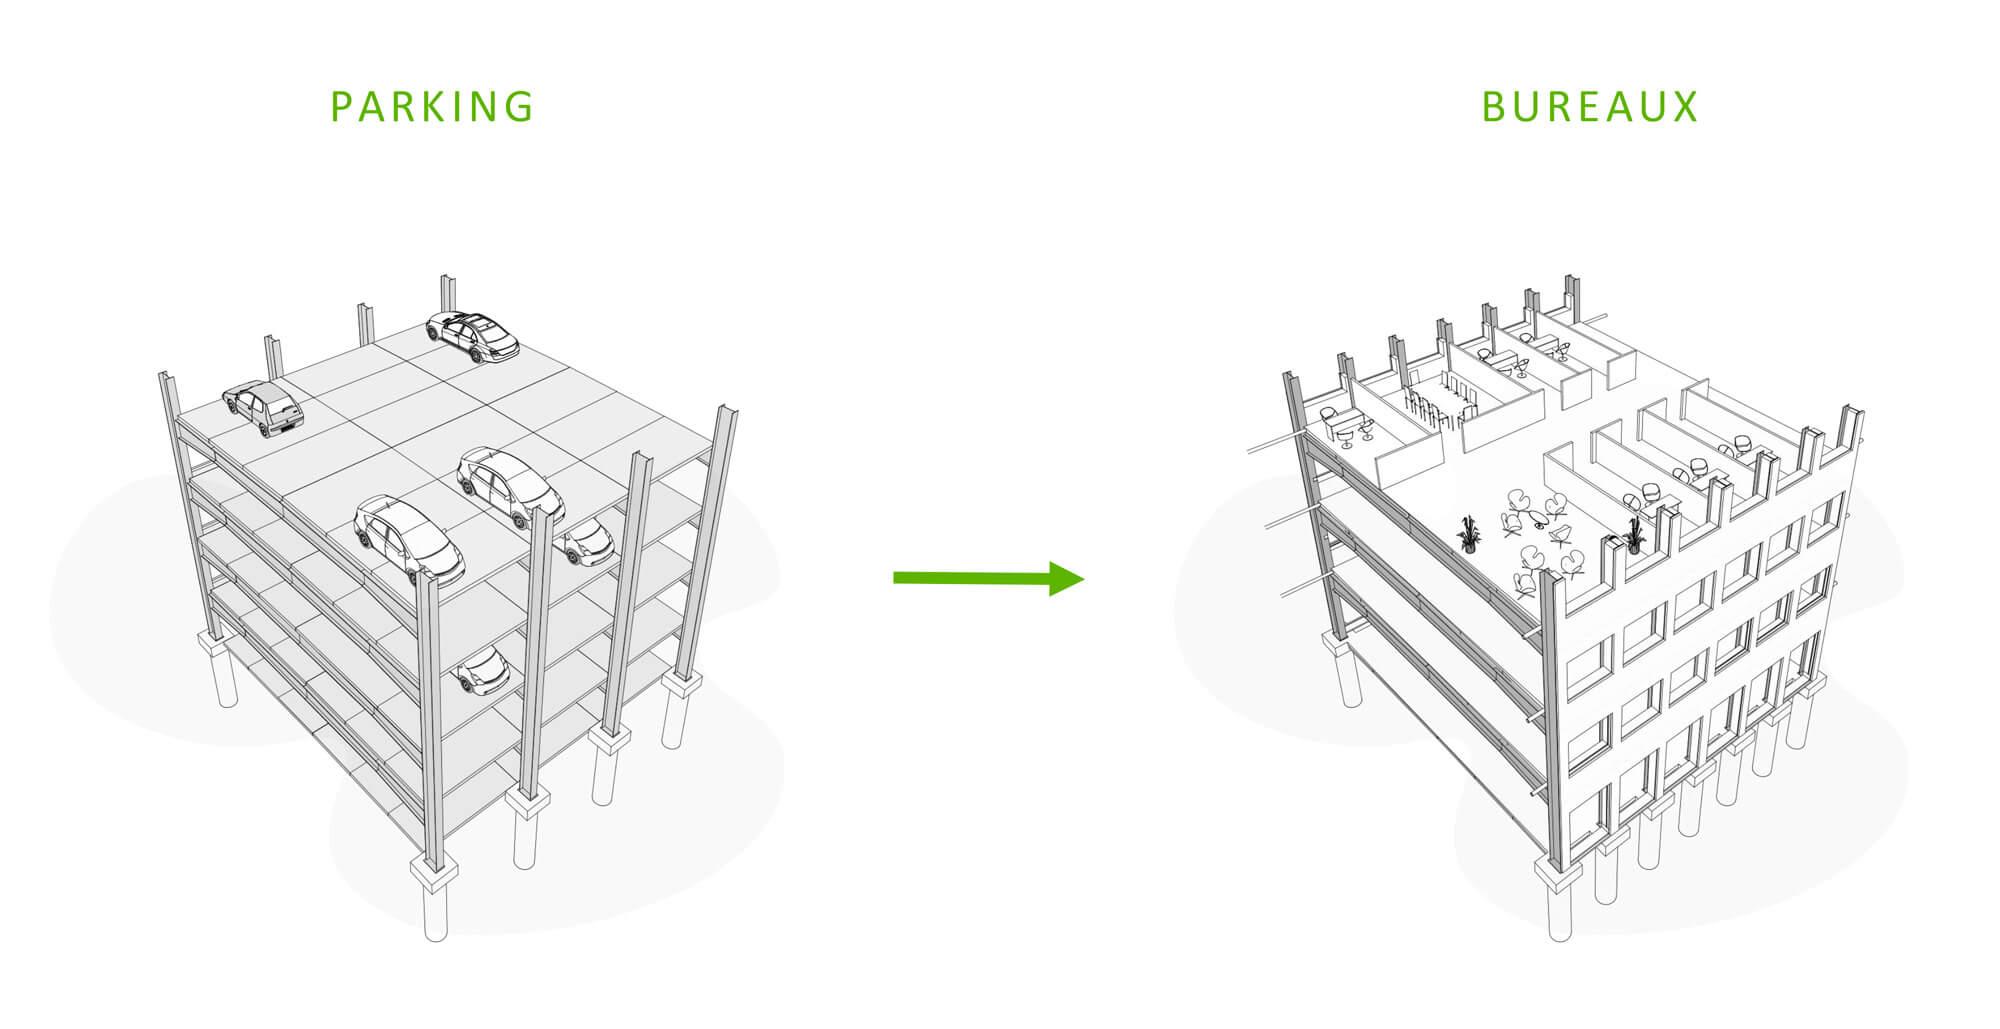 Le concept de parking réversible Astron est basé sur un système constructif innovant et flexible